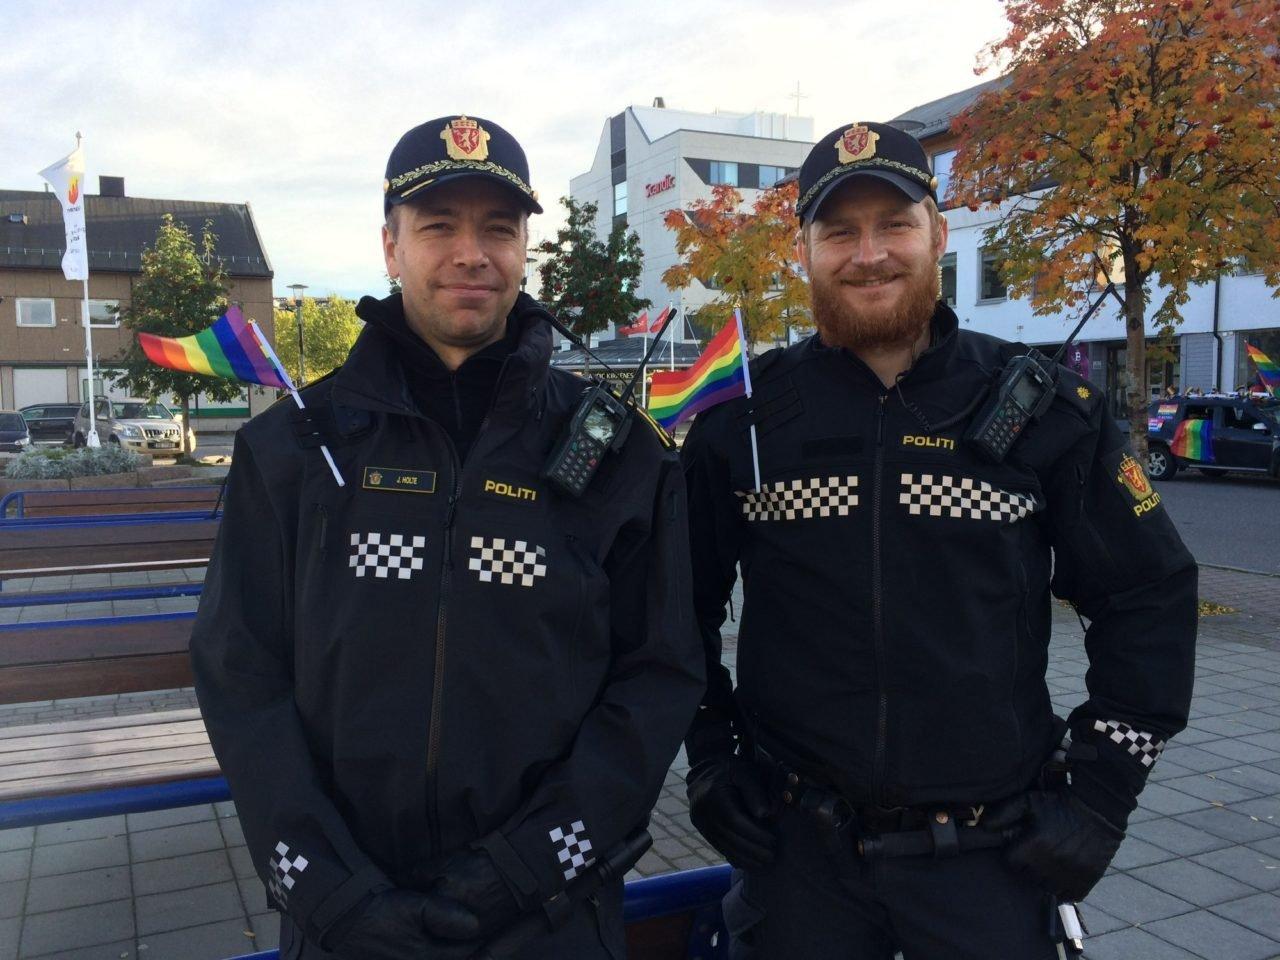 Баренц-прайд 2018: как прошло ЛГБТ-шествие у границы с Россией